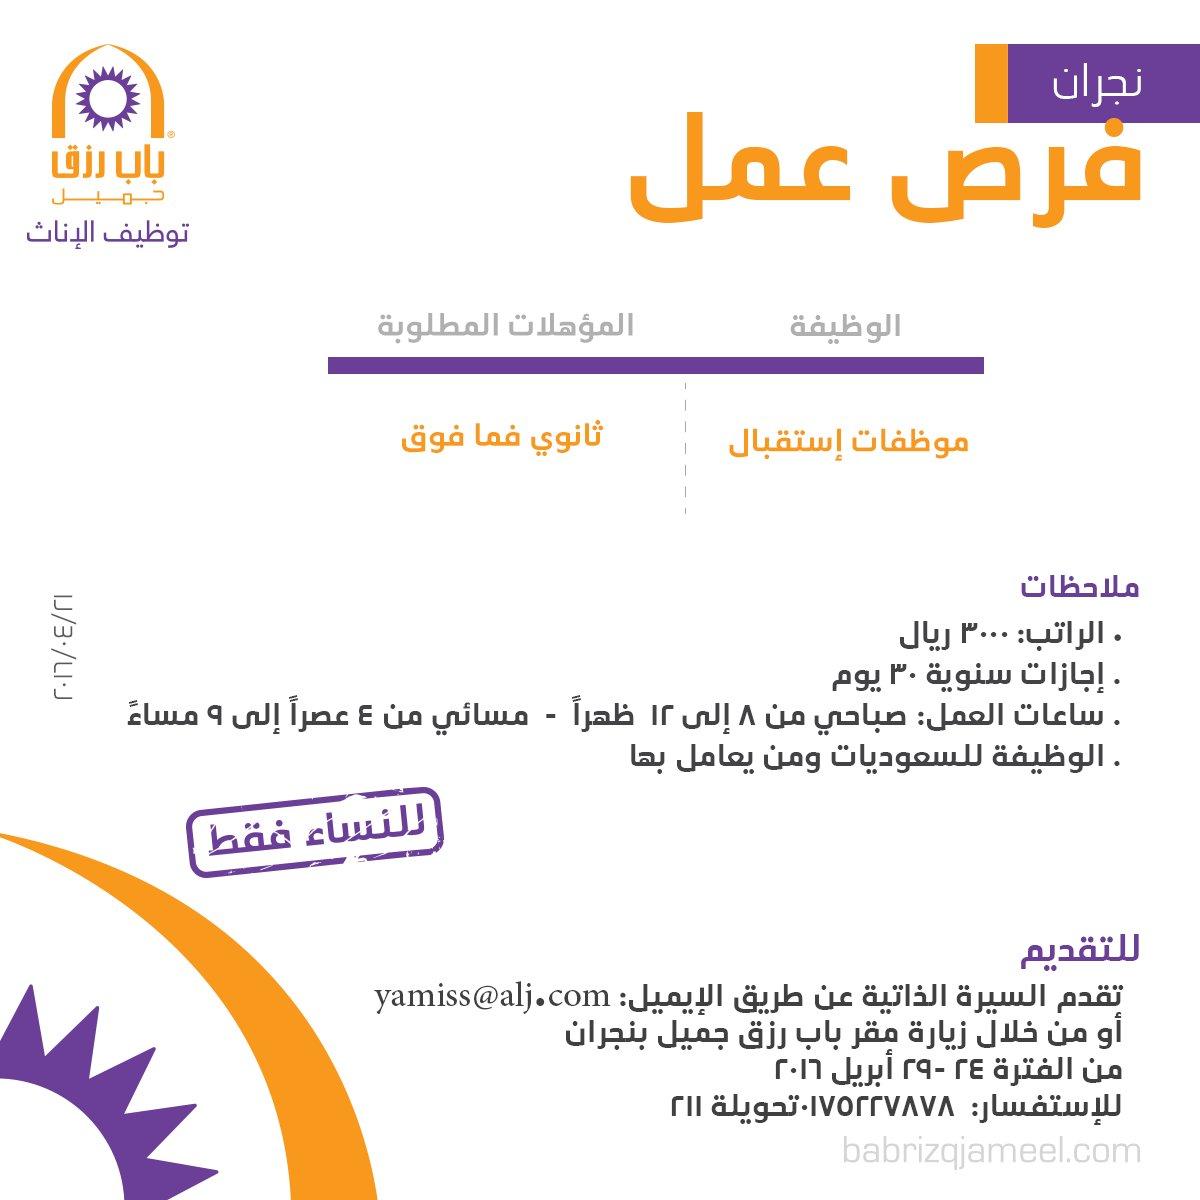 باب رزق جميل Bab Rizq Jameel A Twitter وظائف للسيدات في نجران موظفات إستقبال توظيف توظيف الإناث باب رزق جميل